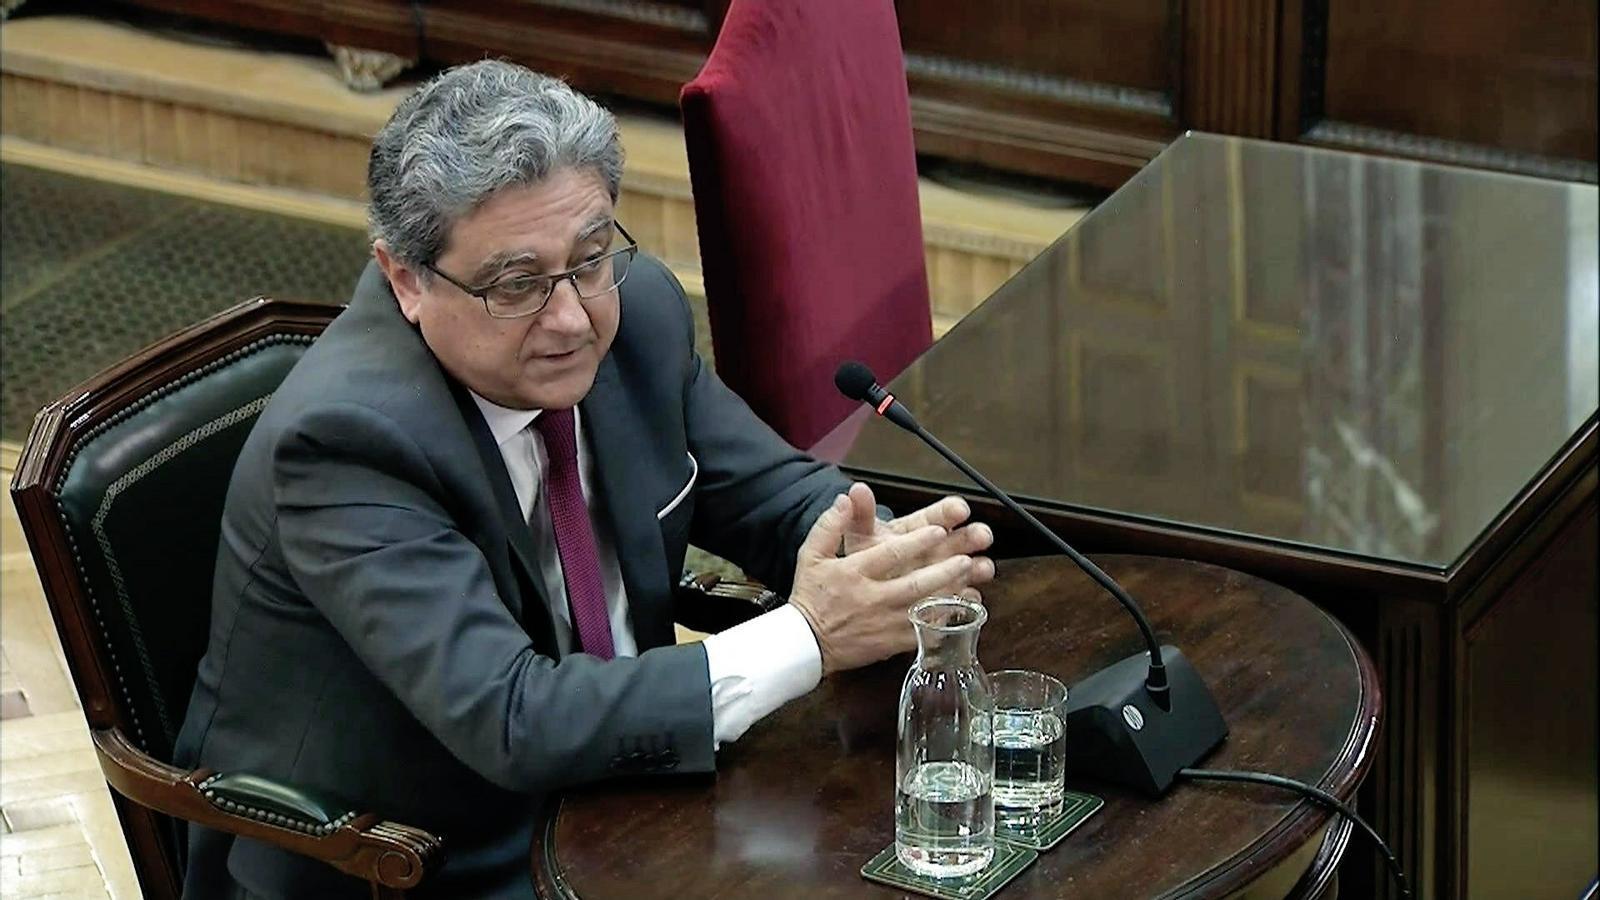 Les xarxes s'encenen per la declaració de Millo al Tribunal Suprem, a qui acusen de mentir